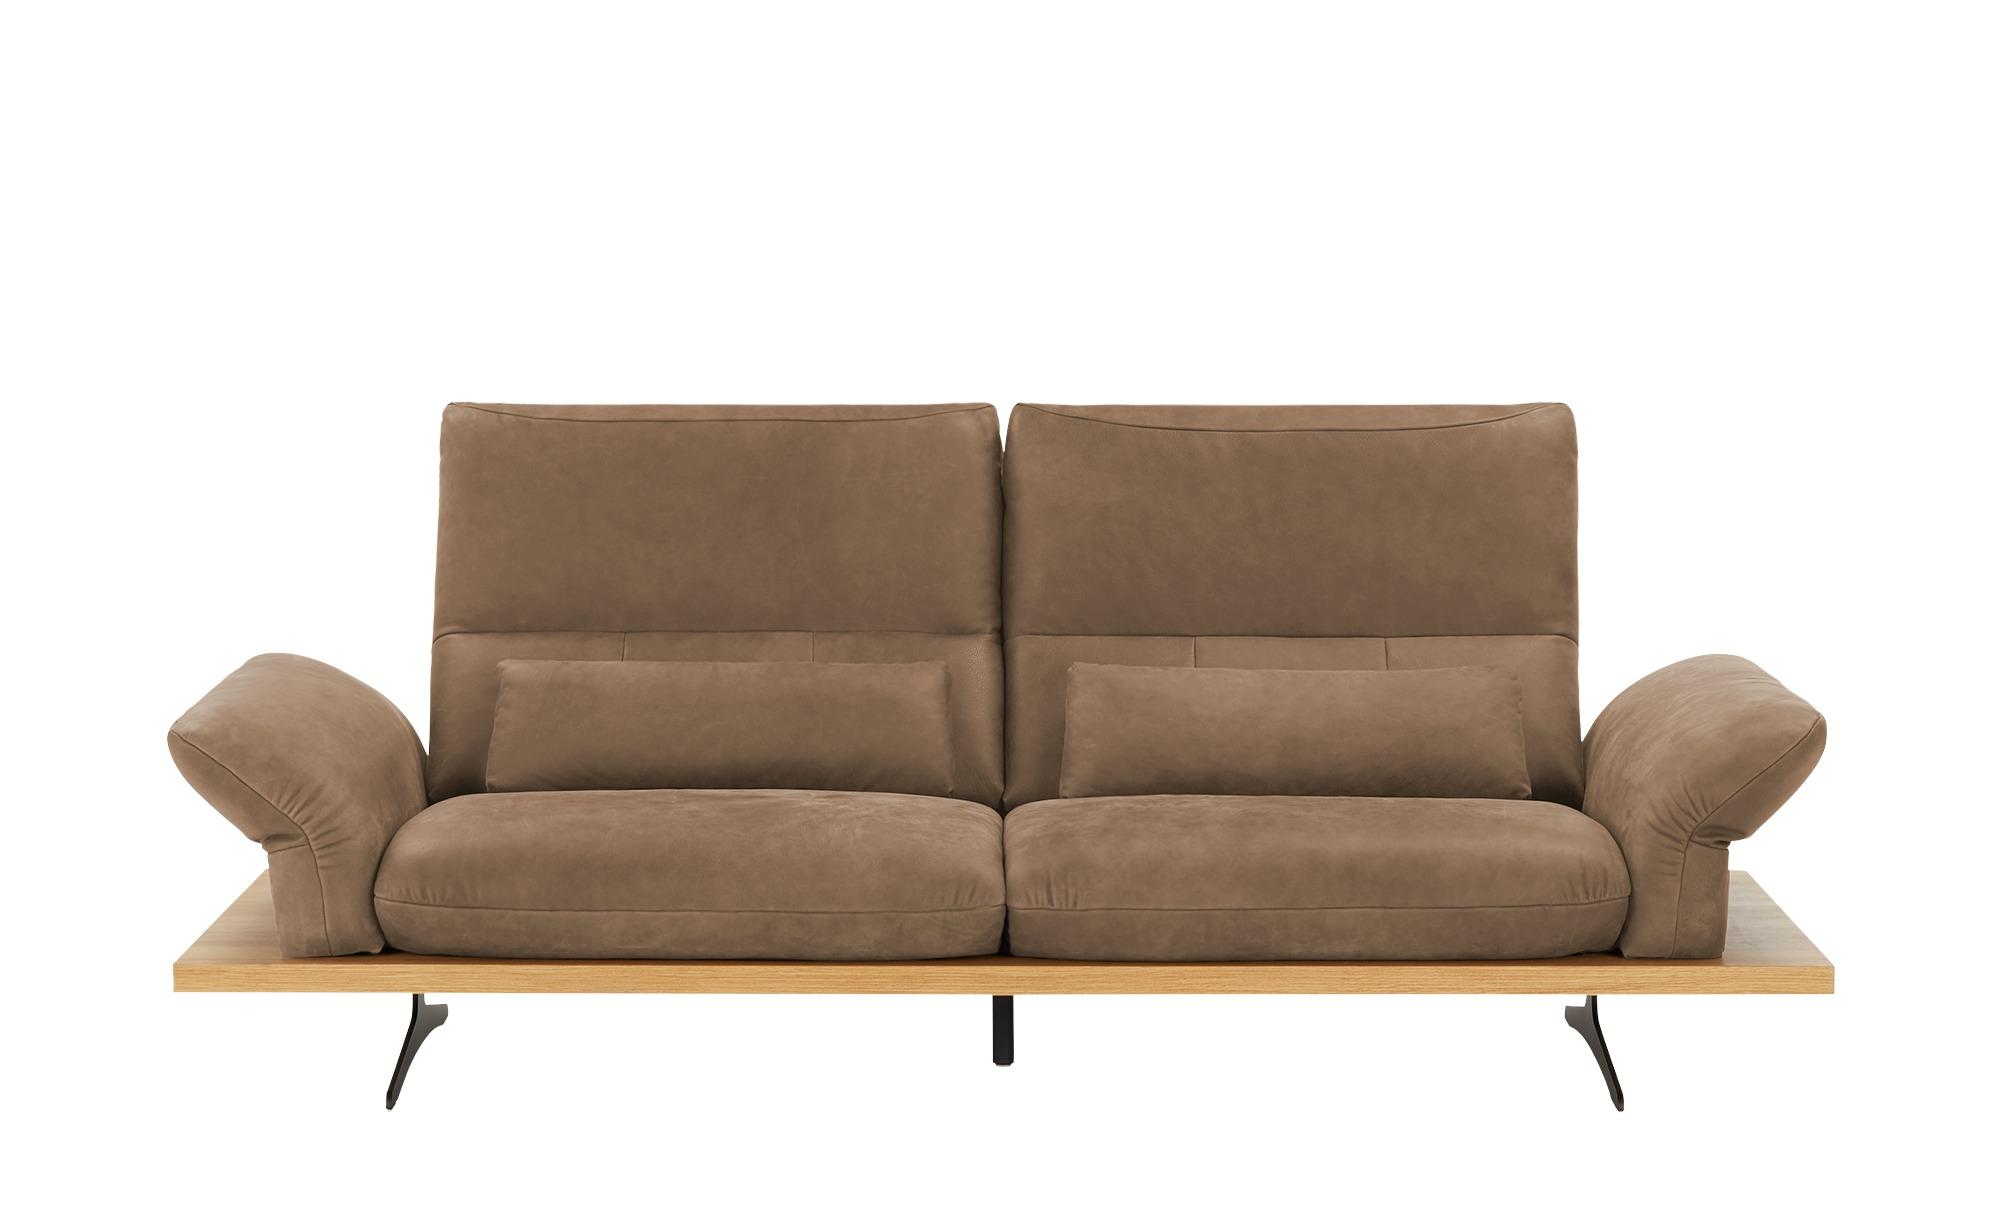 W.SCHILLIG Leder Sofa  Imperia ¦ braun ¦ Maße (cm): B: 240 H: 71 T: 99 Polstermöbel > Sofas > Einzelsofas - Höffner